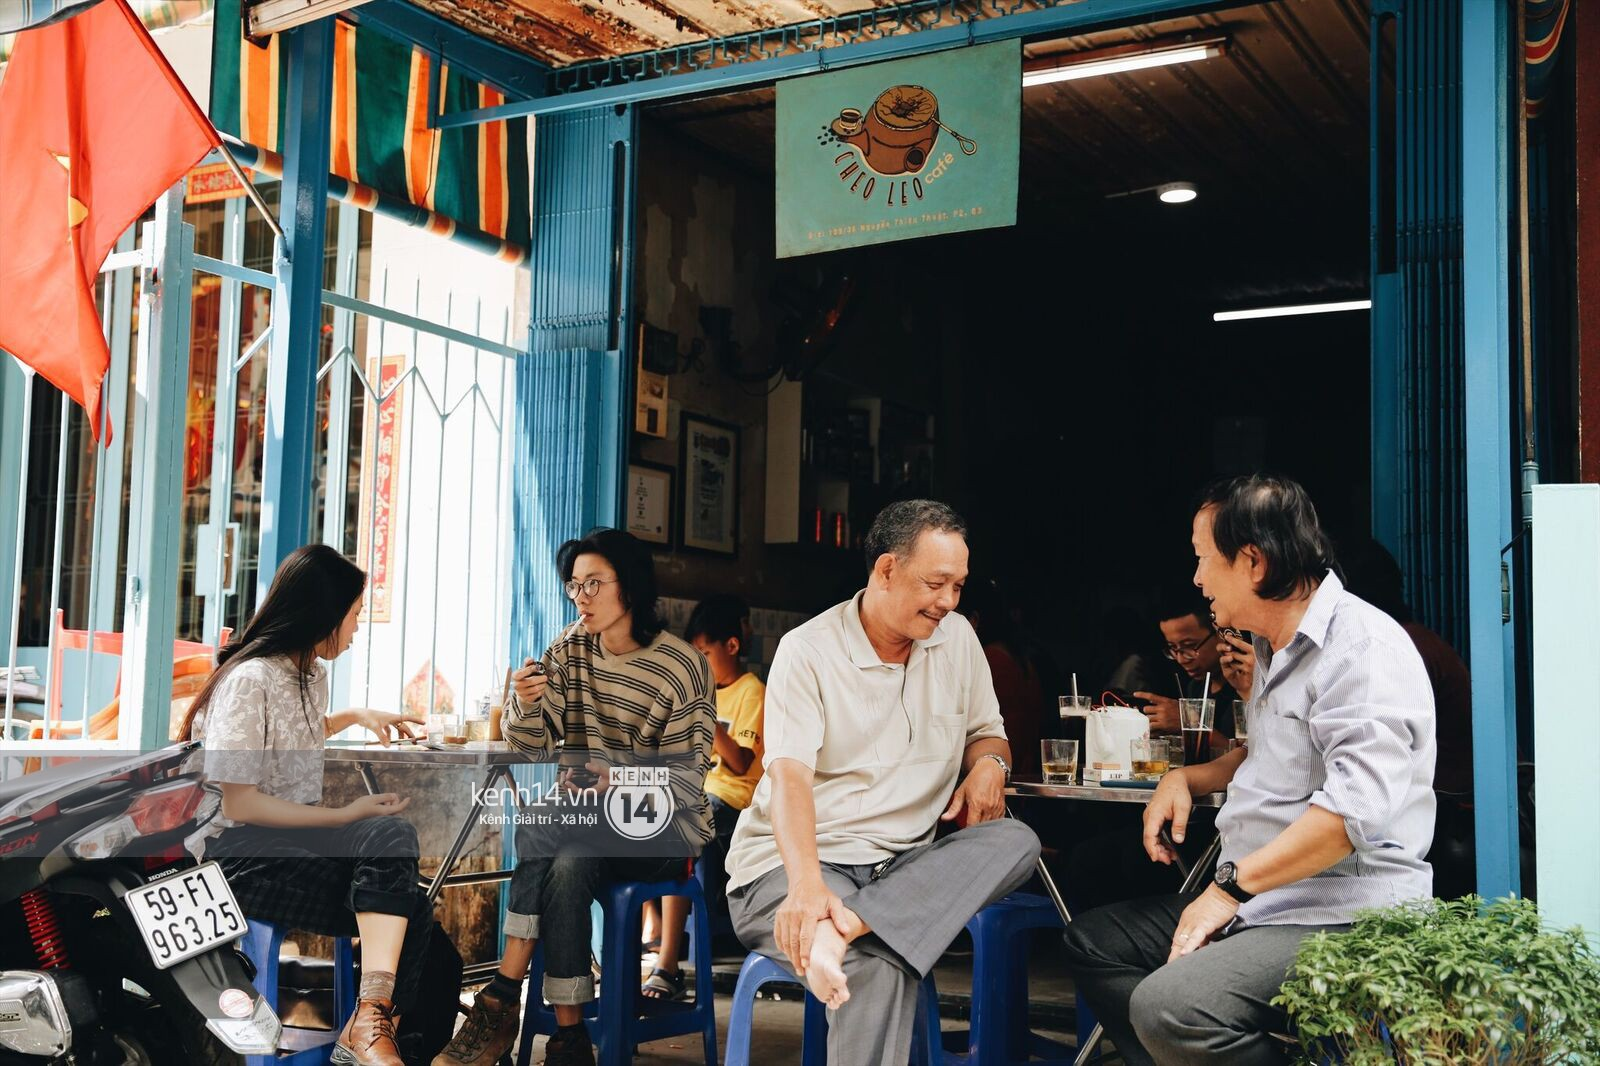 Không khí nhộn nhịp ngày đầu năm tại quán cafe vợt lâu đời nhất Sài Gòn, gần 80 năm chỉ nghỉ đúng ngày 30 Tết - Ảnh 7.